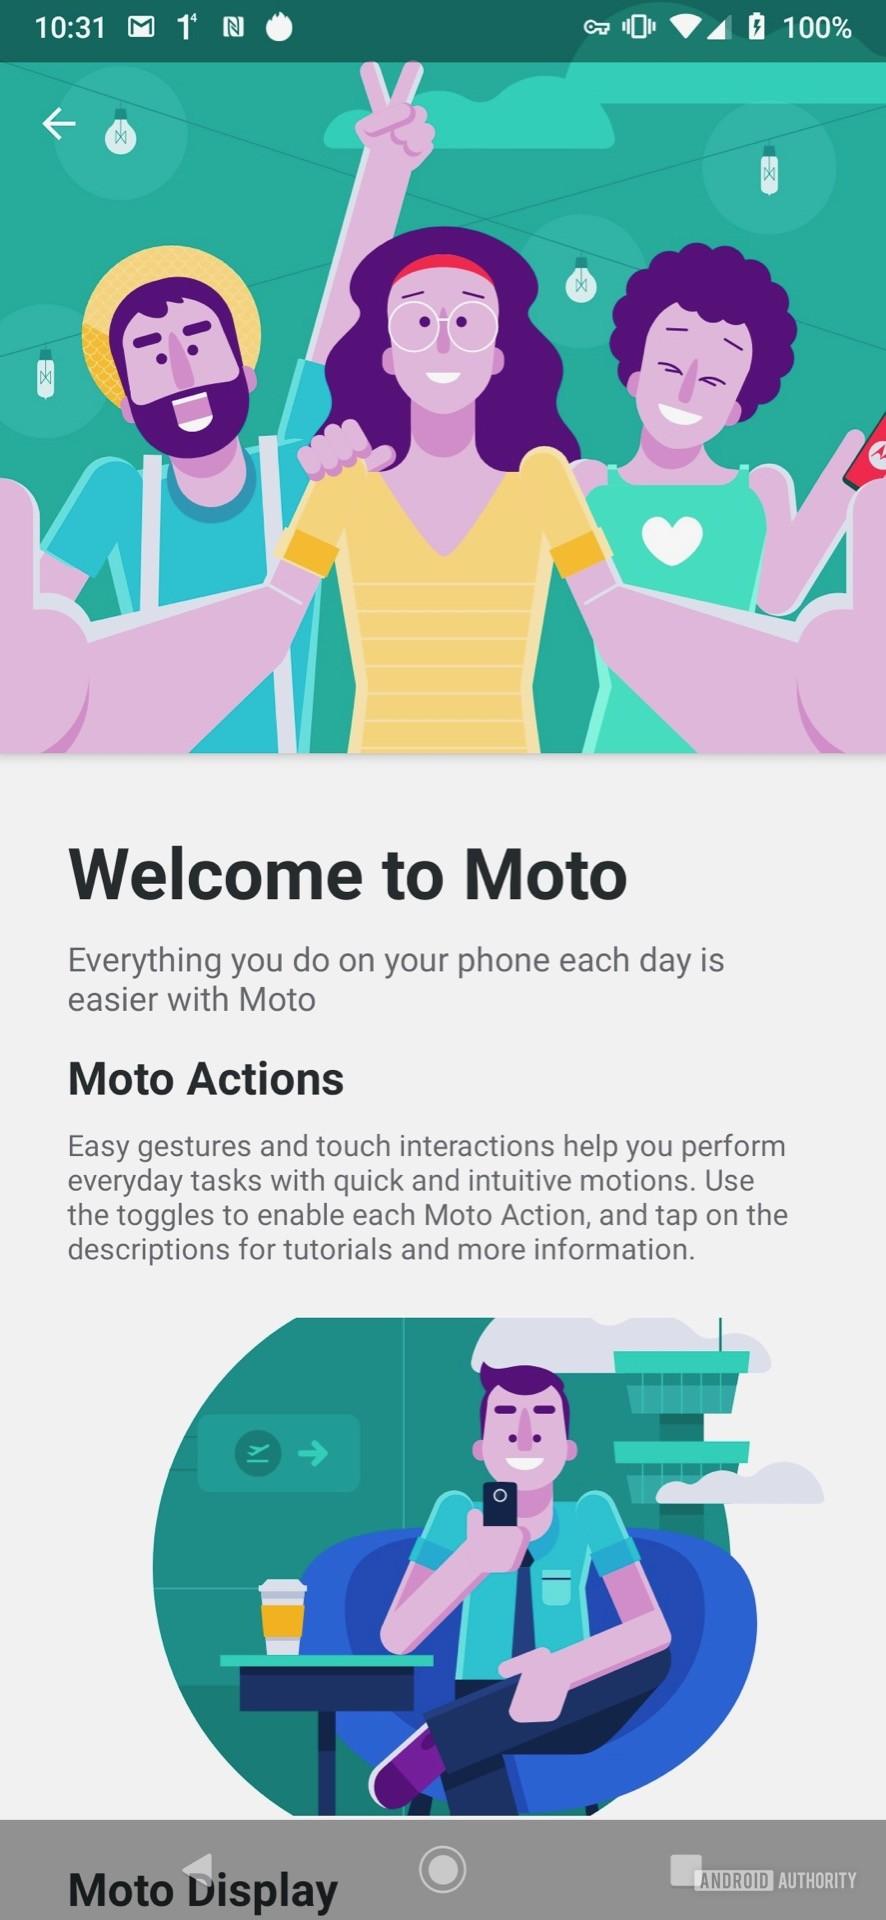 Motorola Moto Z4 Moto App